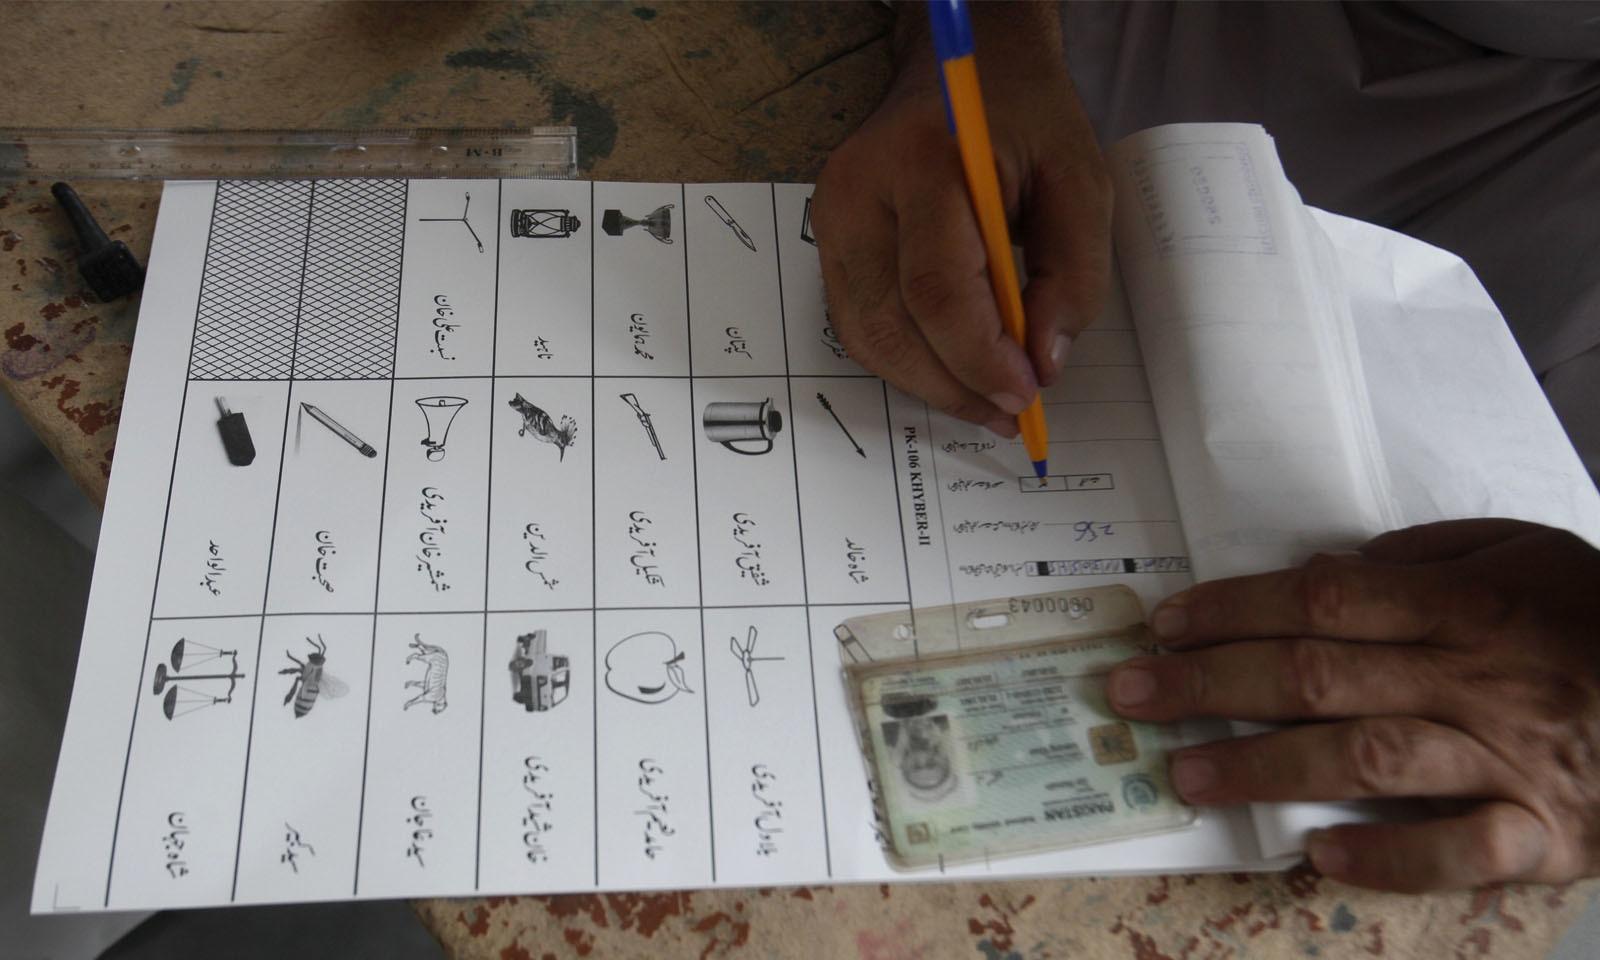 پہلی مرتبہ صوبائی اسمبلی کی نشستوں پر ووٹ دینے کے لیے ووٹرز کا ٹرن آؤٹ بھی زیادہ دیکھا گیا—فوٹو: اے پی